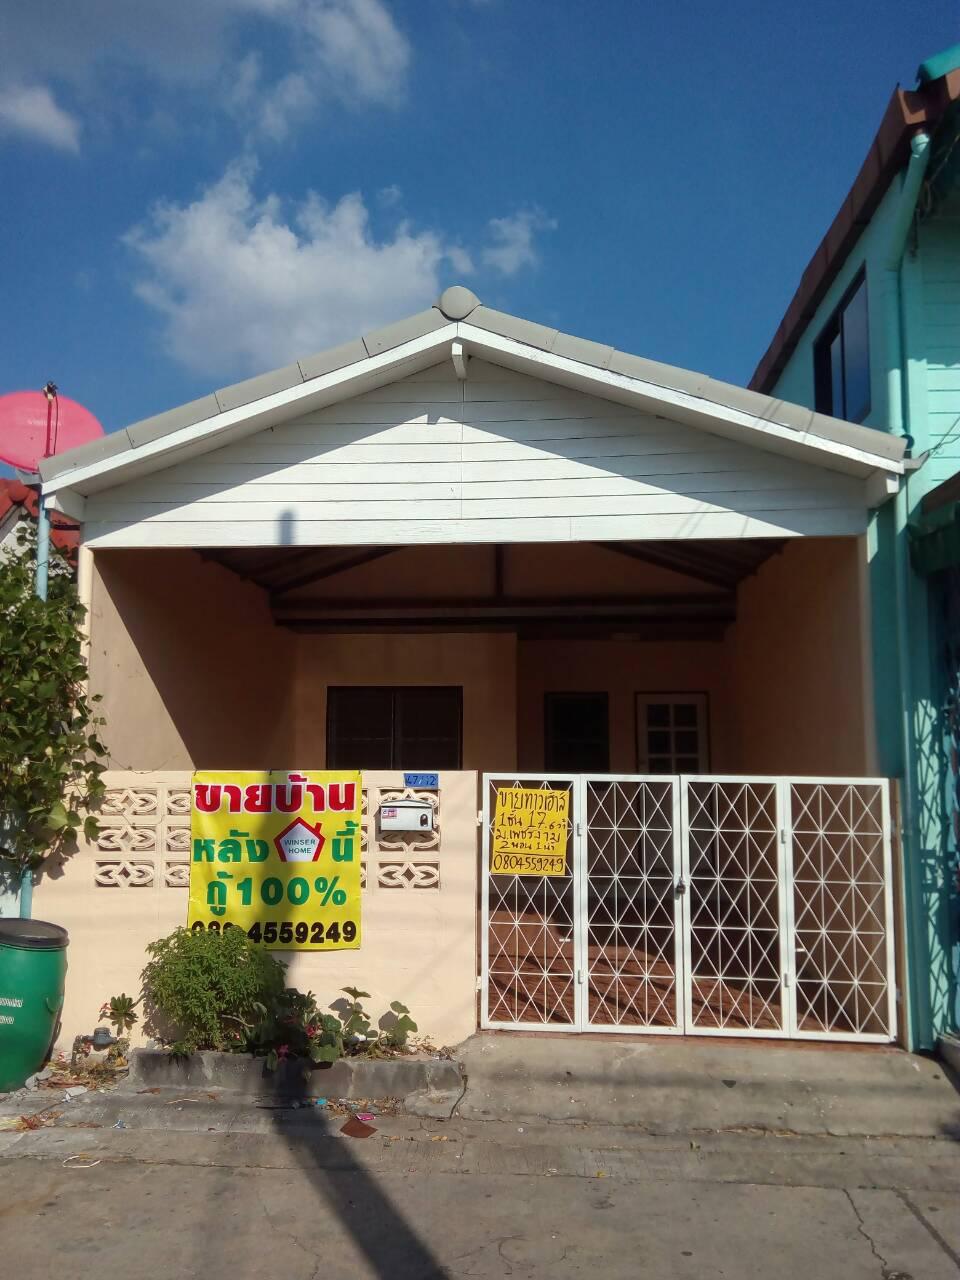 Sold Out ขายทาวน์เฮ้าส์  หมู่บ้านเพชรงาม ตำบลแพรกษาใหม่ สมุทรปราการ 17.6 ตรว. 1  ชั้น  ปรับปรุงใหม่